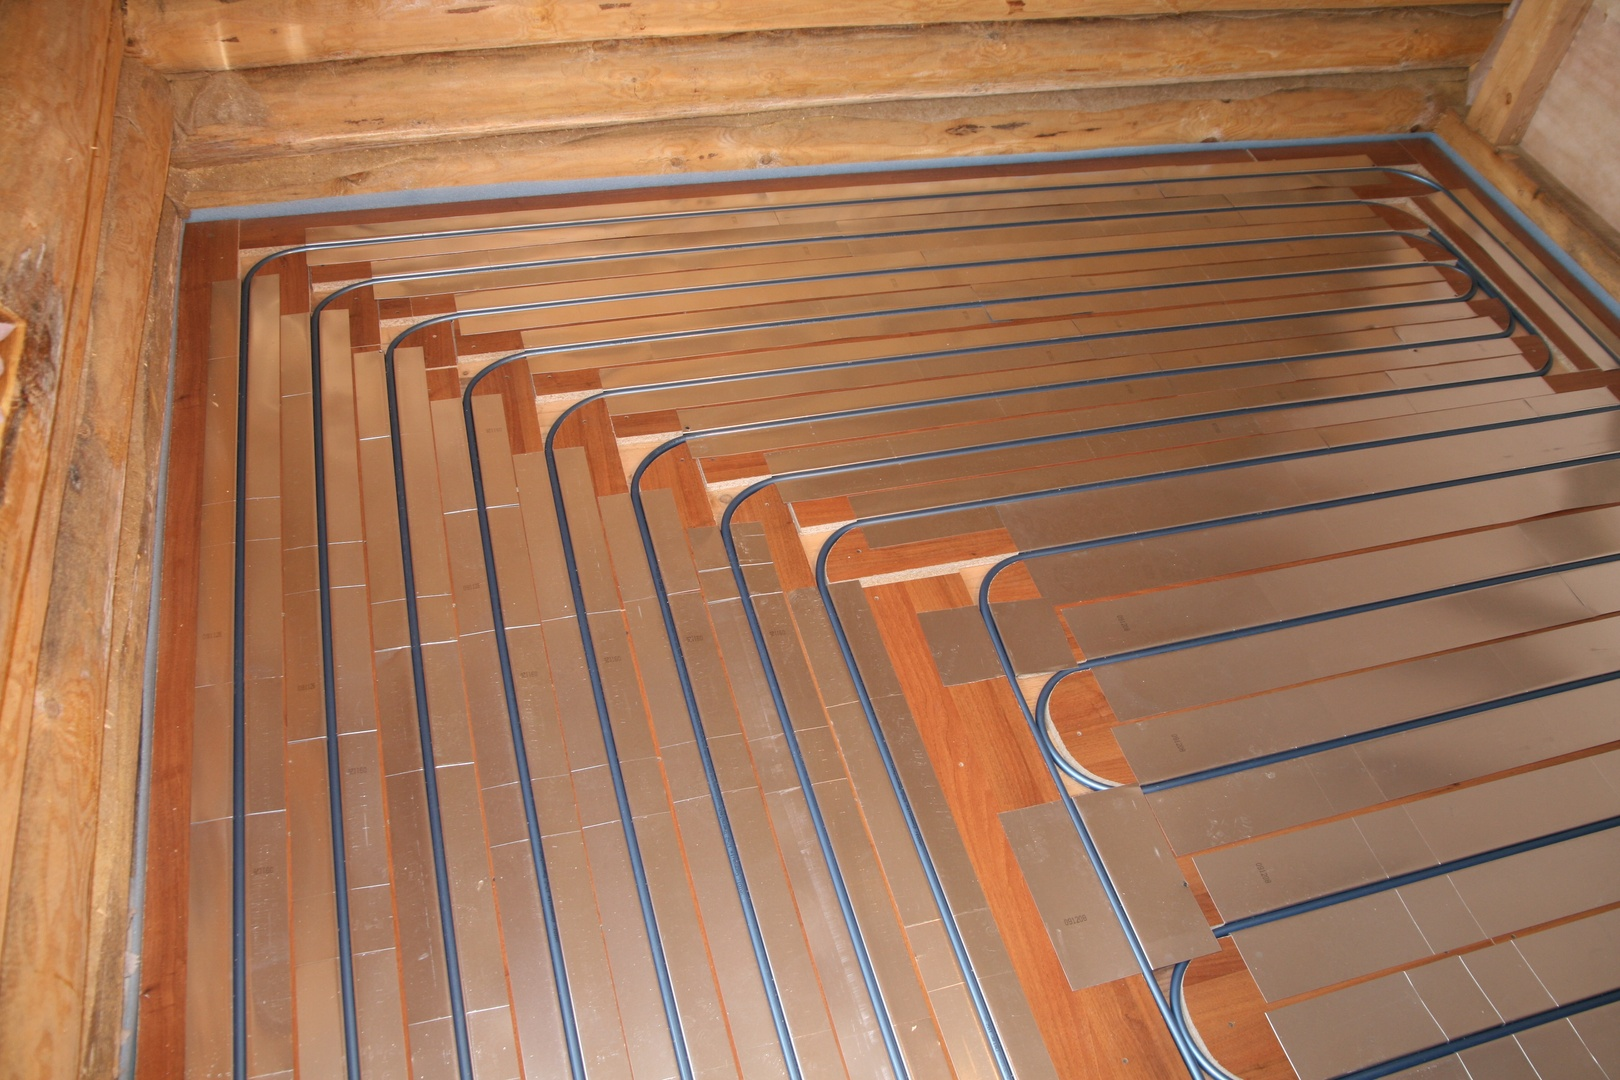 Теплый пол в банях: электрический и водяной под плитку, как правильно сделать в деревянной бане, обогрев на фото и видео